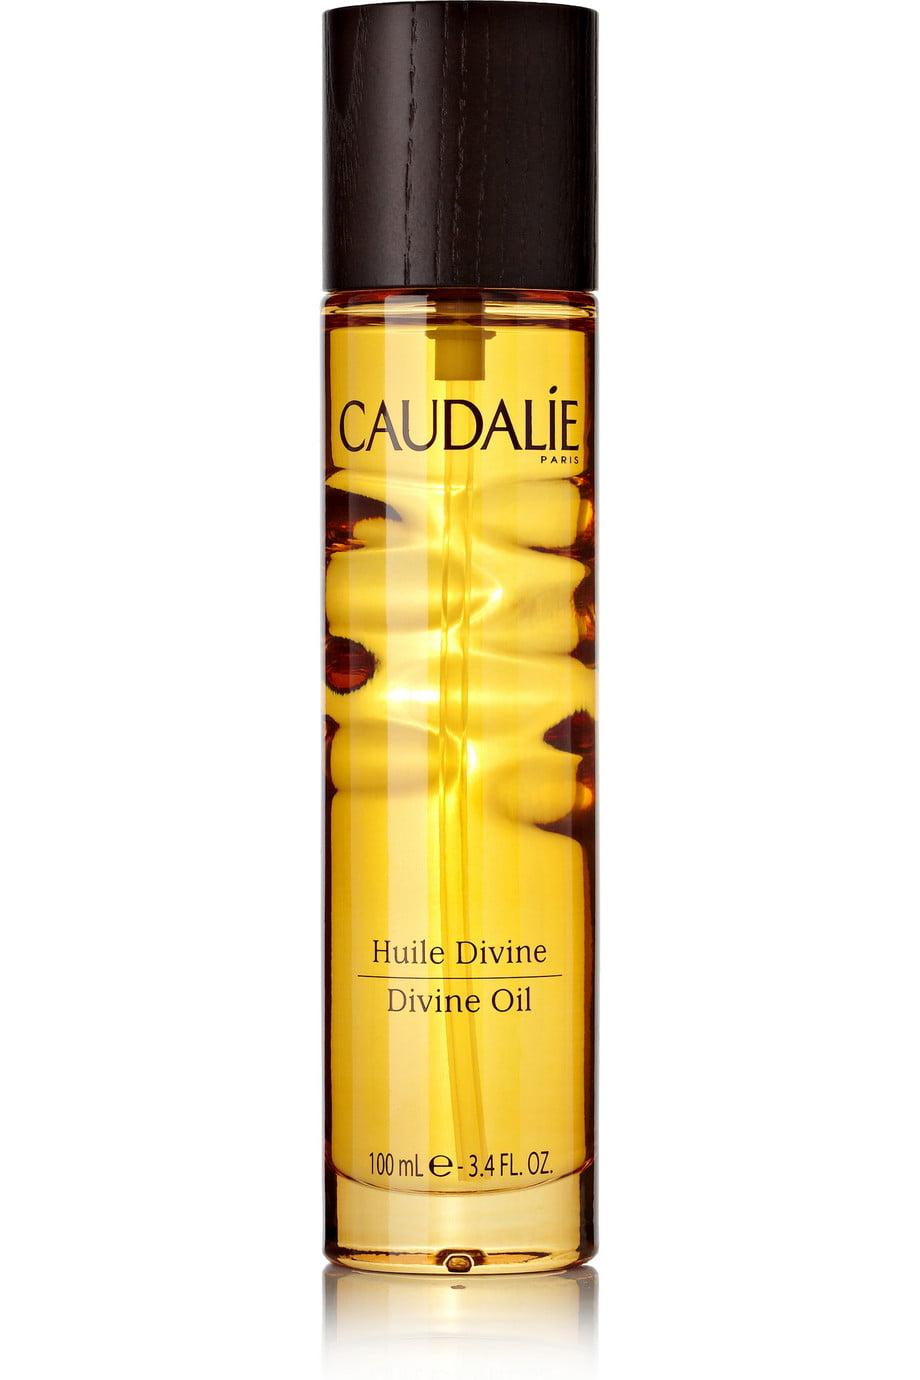 Caudalie's Divine Oil